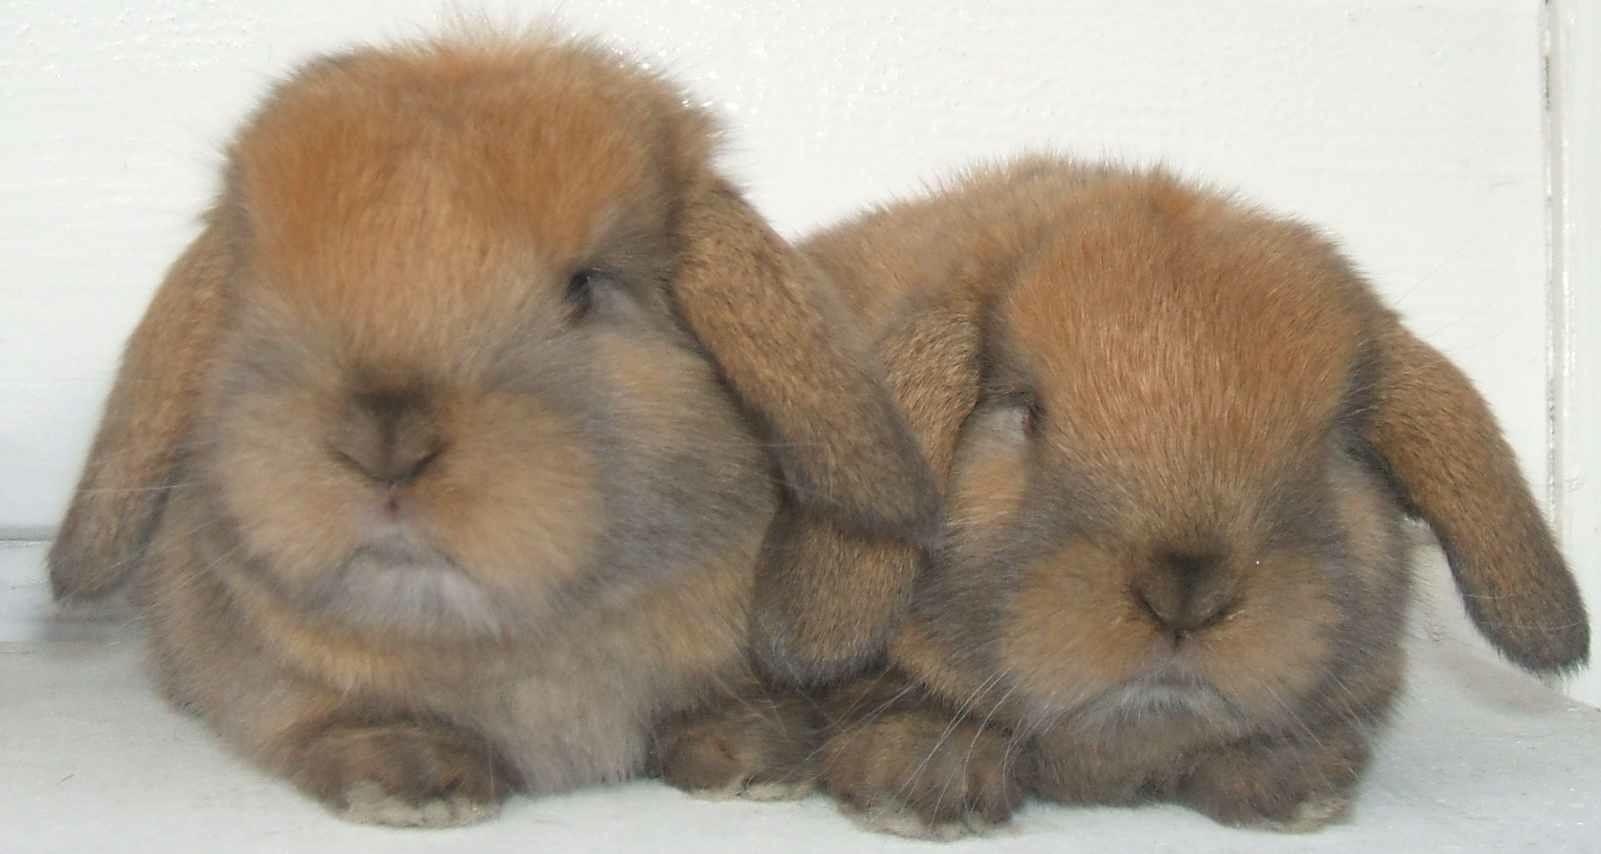 Dwarf lop rabbits - photo#26